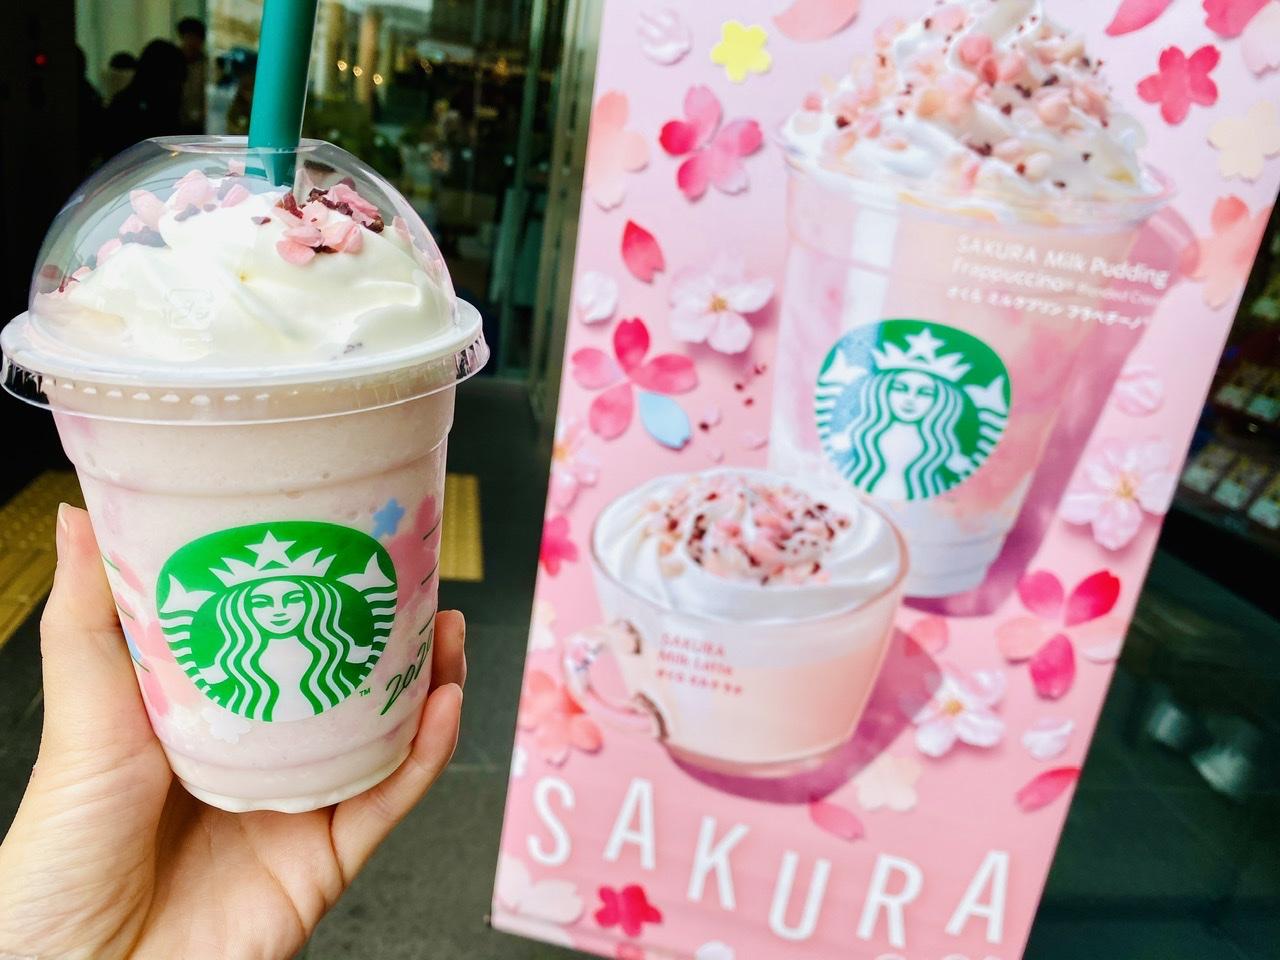 【スタバ新作】待ってた♡SAKURAシリーズ第1弾《さくらミルクプリンフラペチーノ》は絶対飲んで!_2